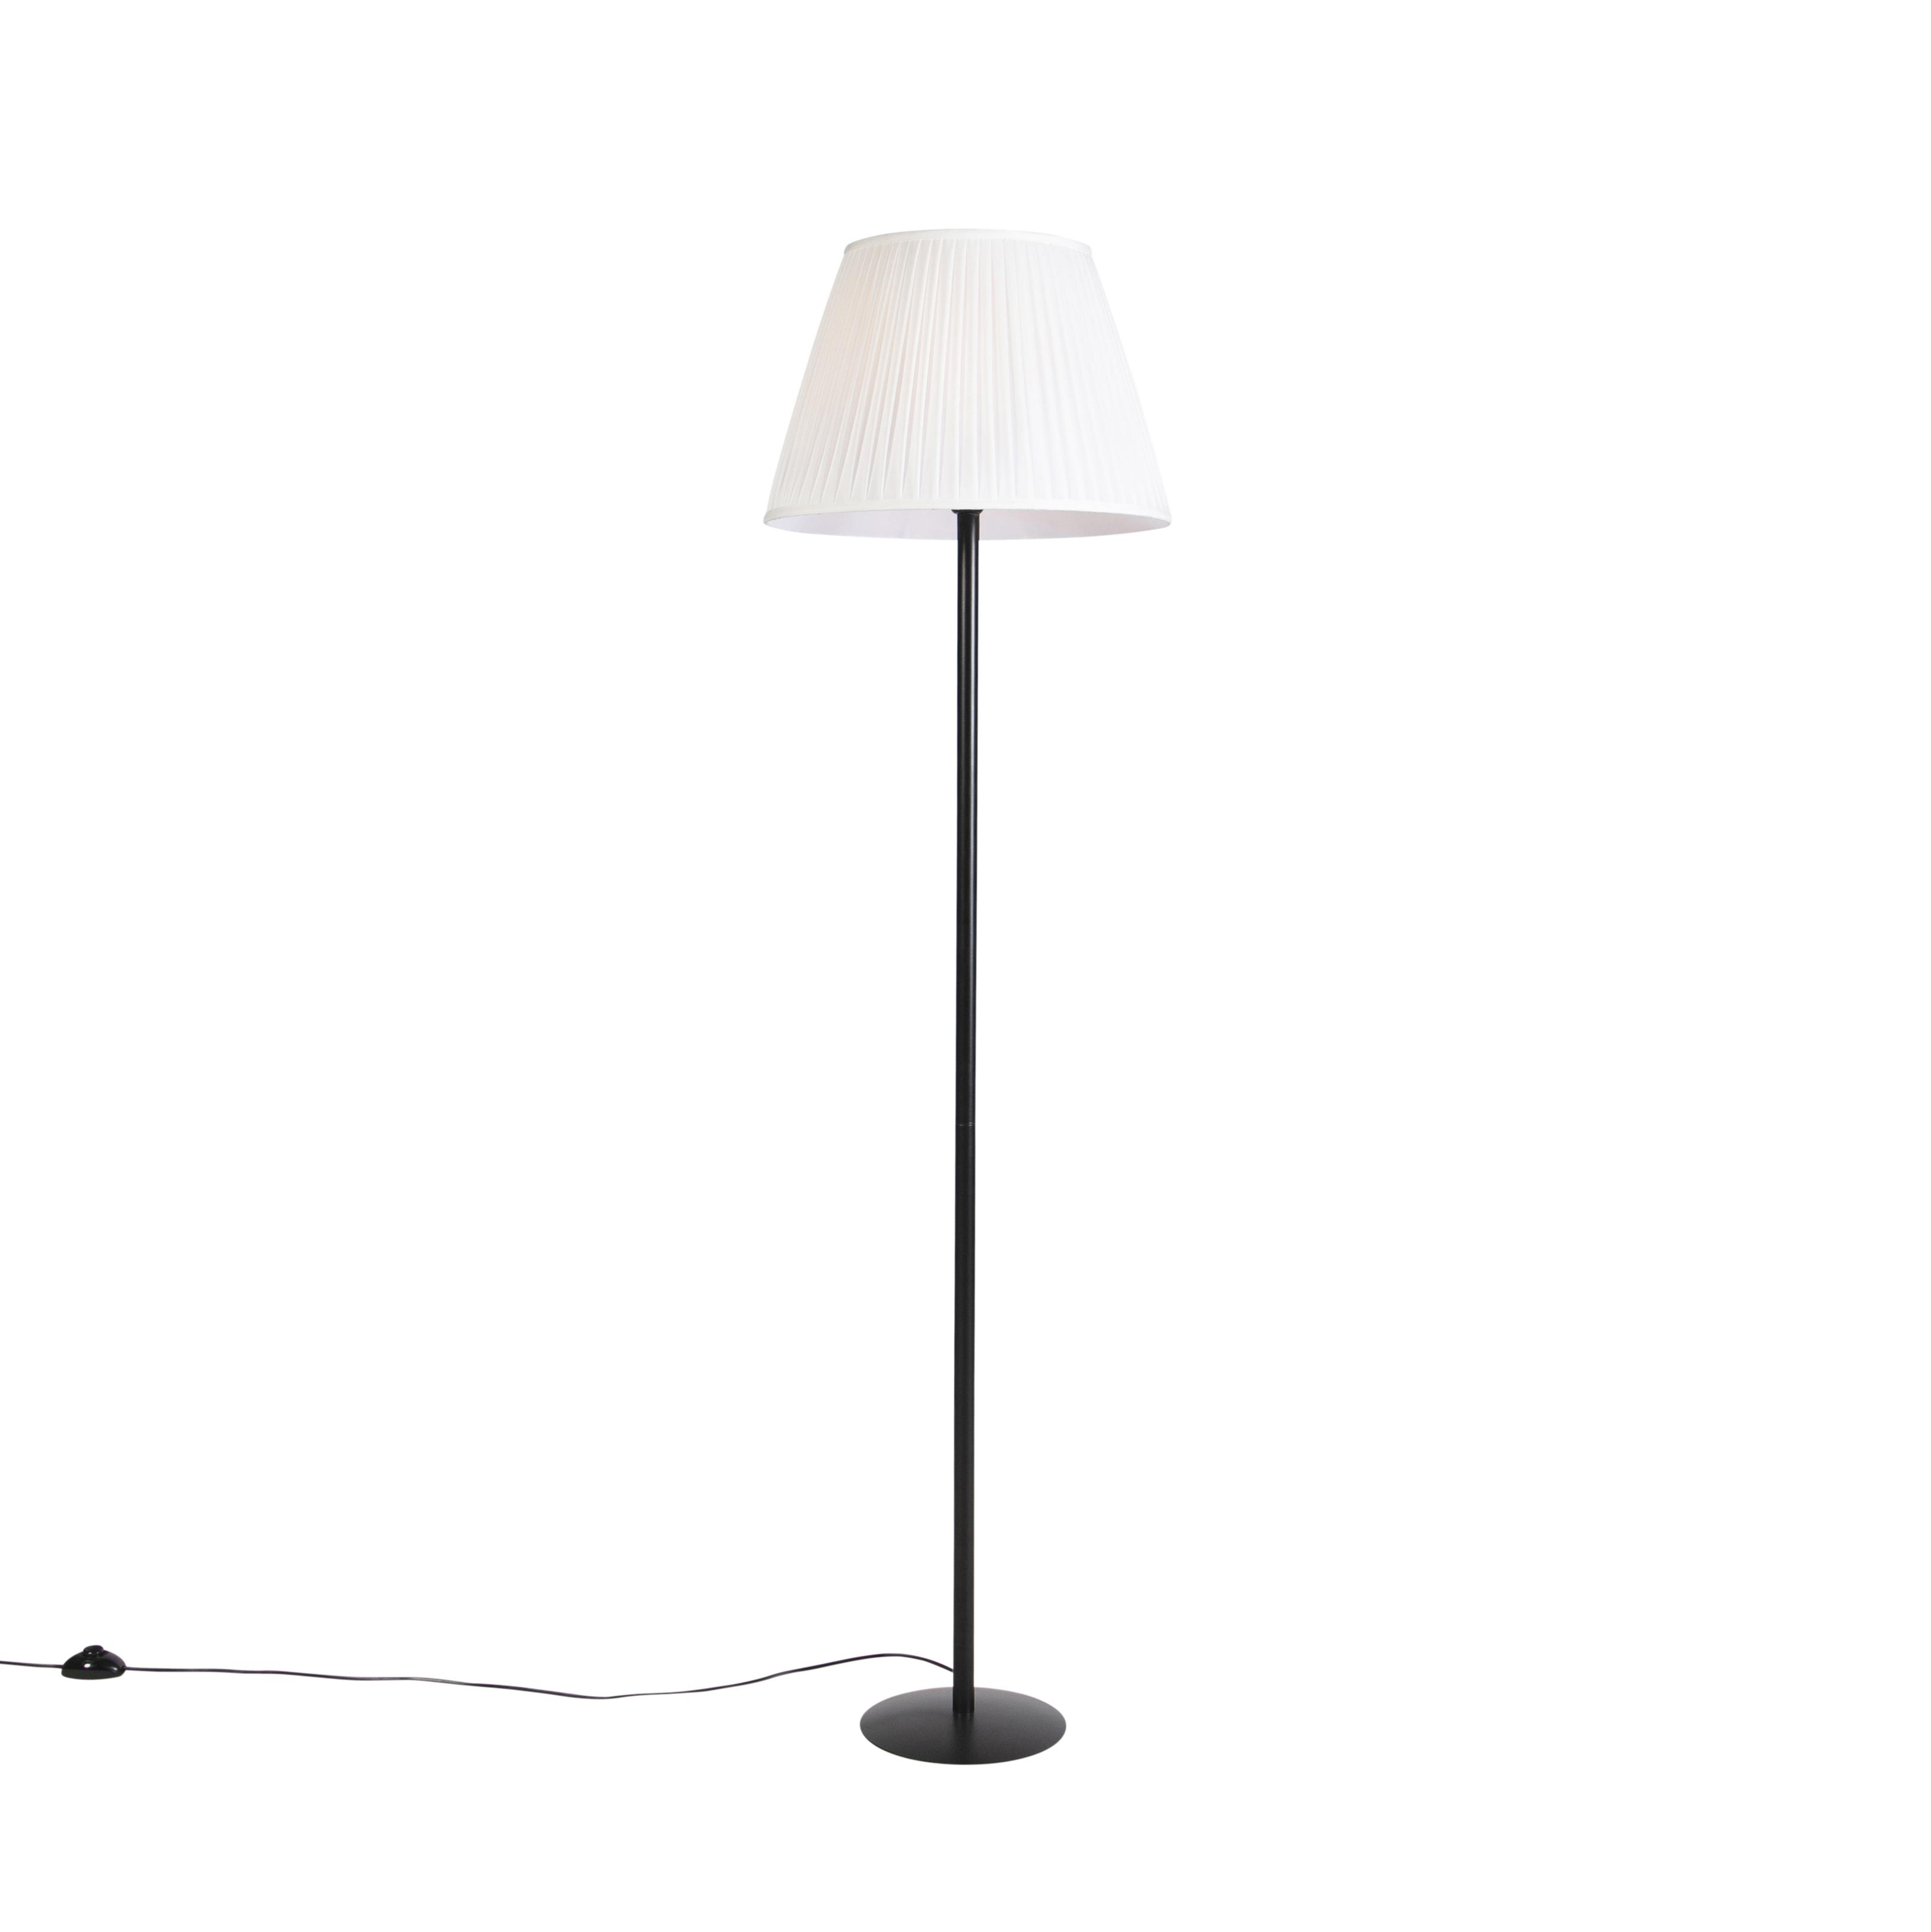 Moderne vloerlamp zwart met witte plisse kap 45 cm - Simplo